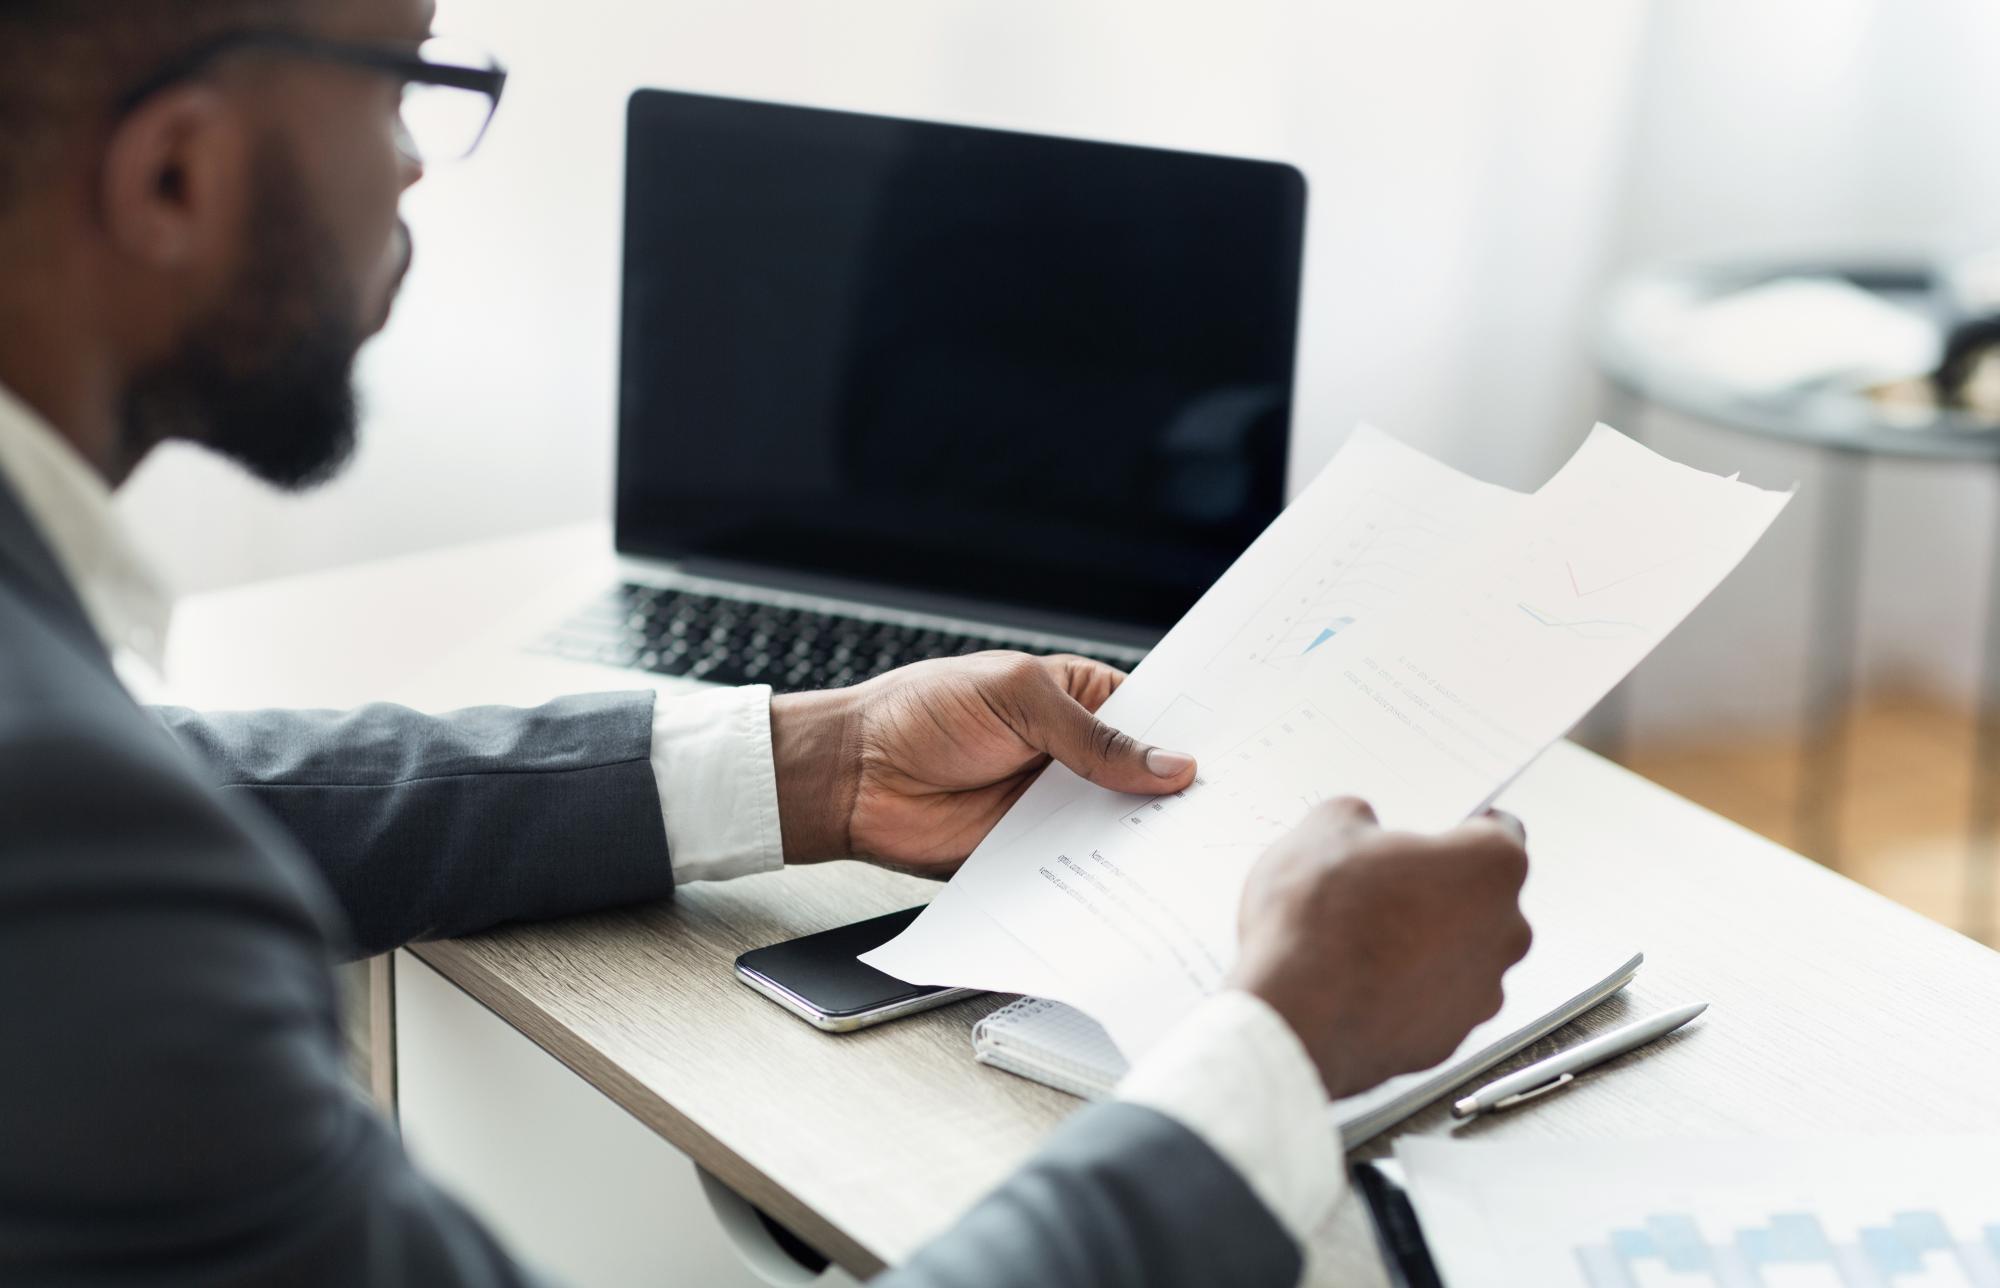 Налоговые органы будут сообщать банкам об отсутствии клиентов-юрлиц по месту государственной регистрации